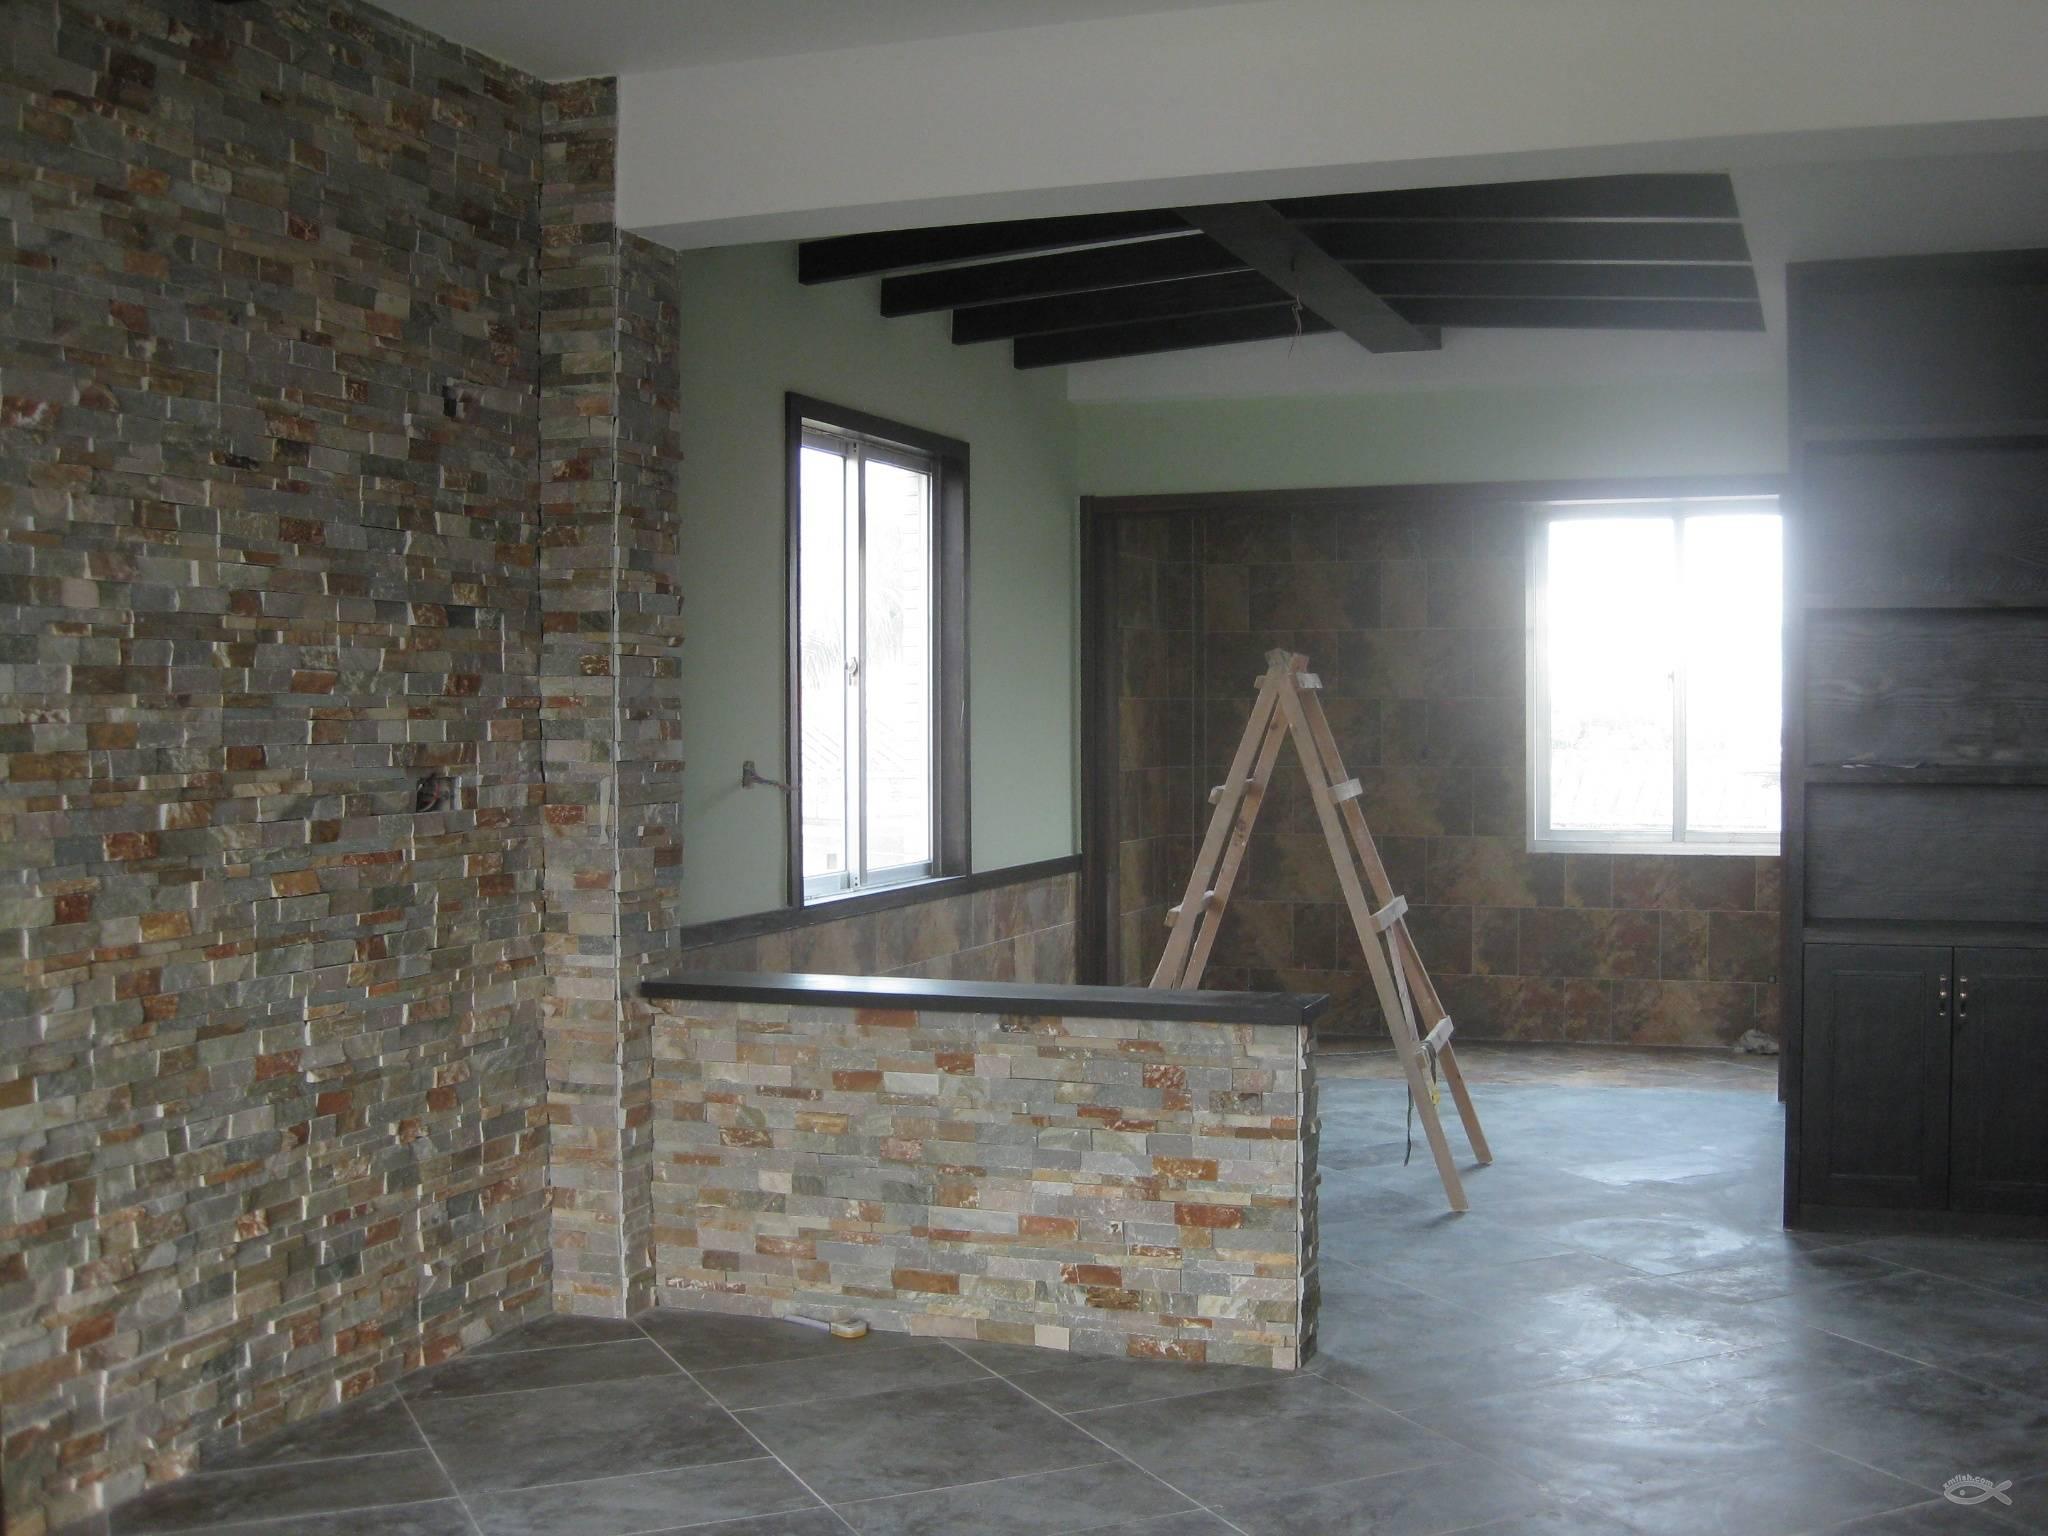 房子装修完,便宜转让洞石破边马赛克,花岗岩文化石,人造文化砖